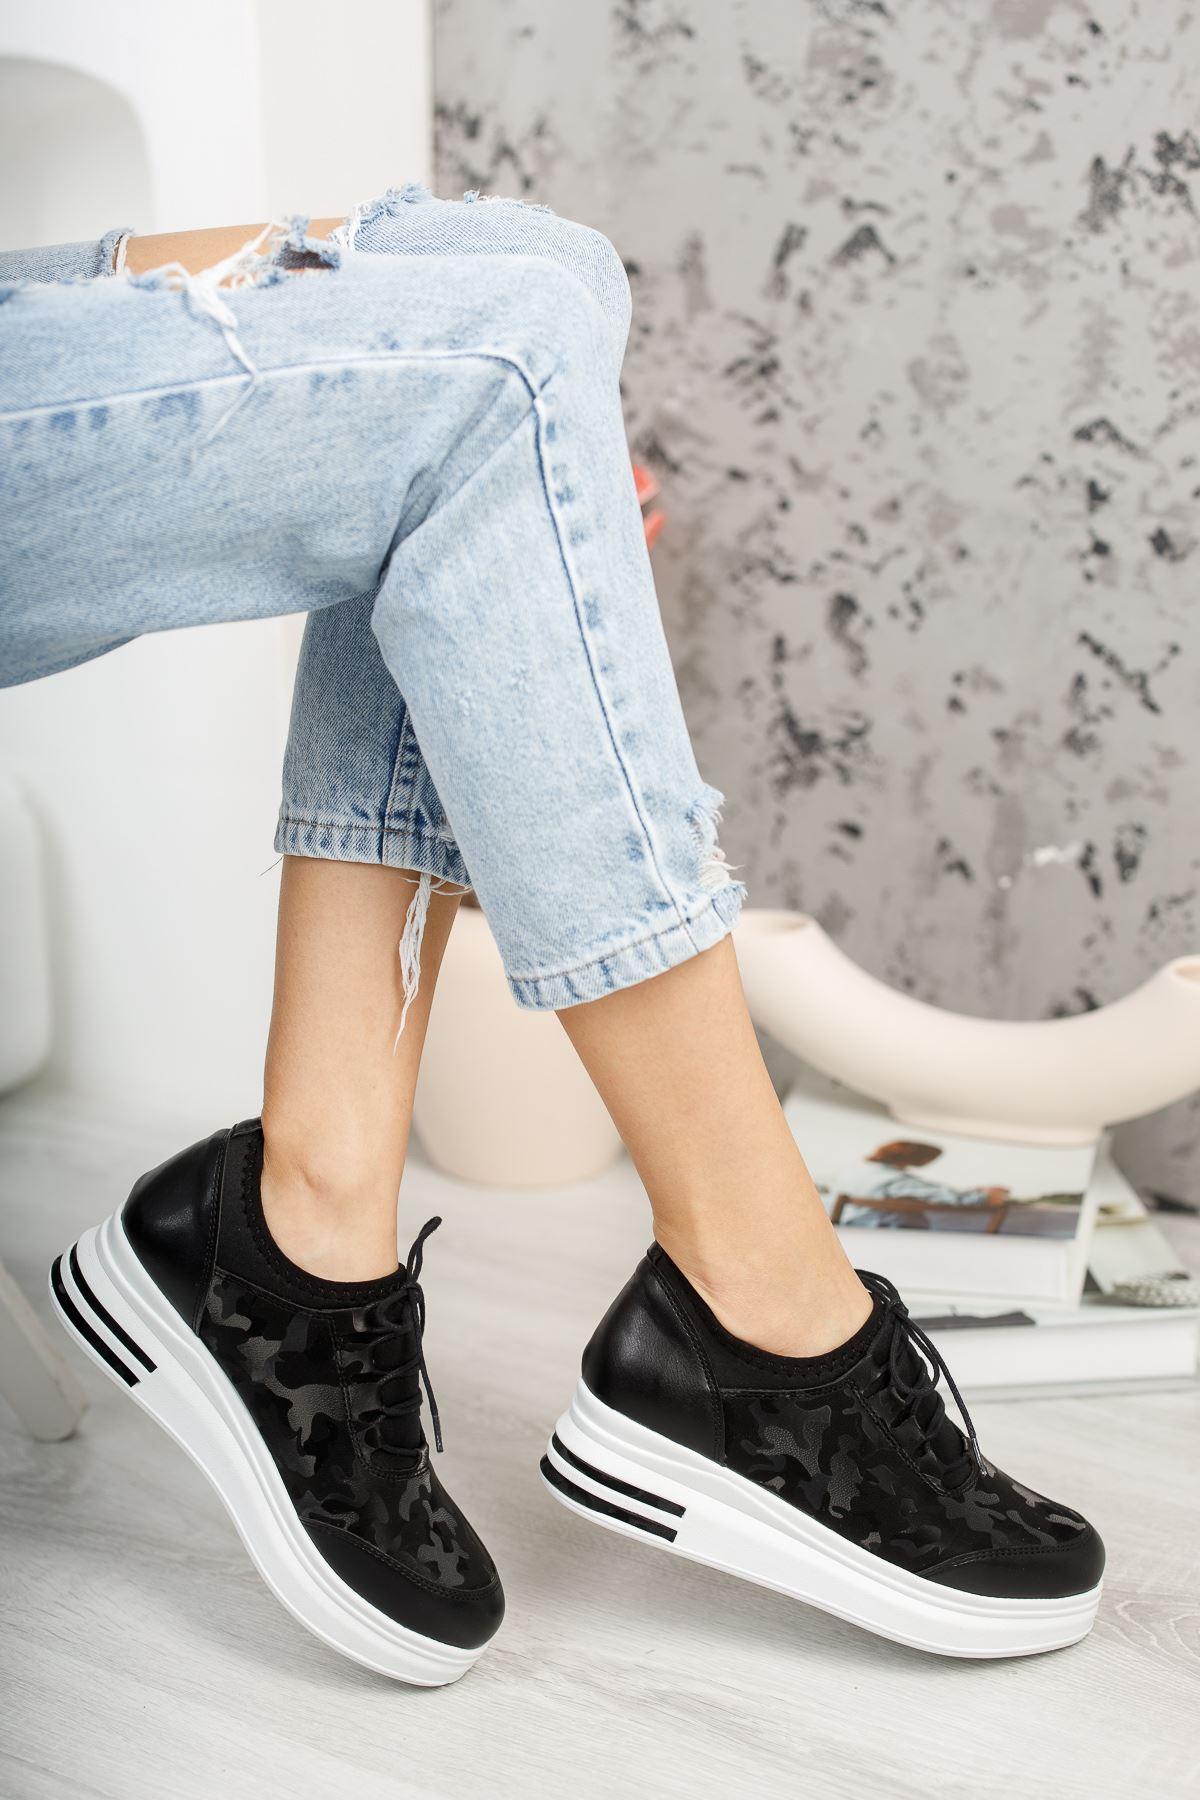 Zeytuni Siyah Ortapedik Beyaz Taban Siyah Desenli Bayan Spor Ayakkabı